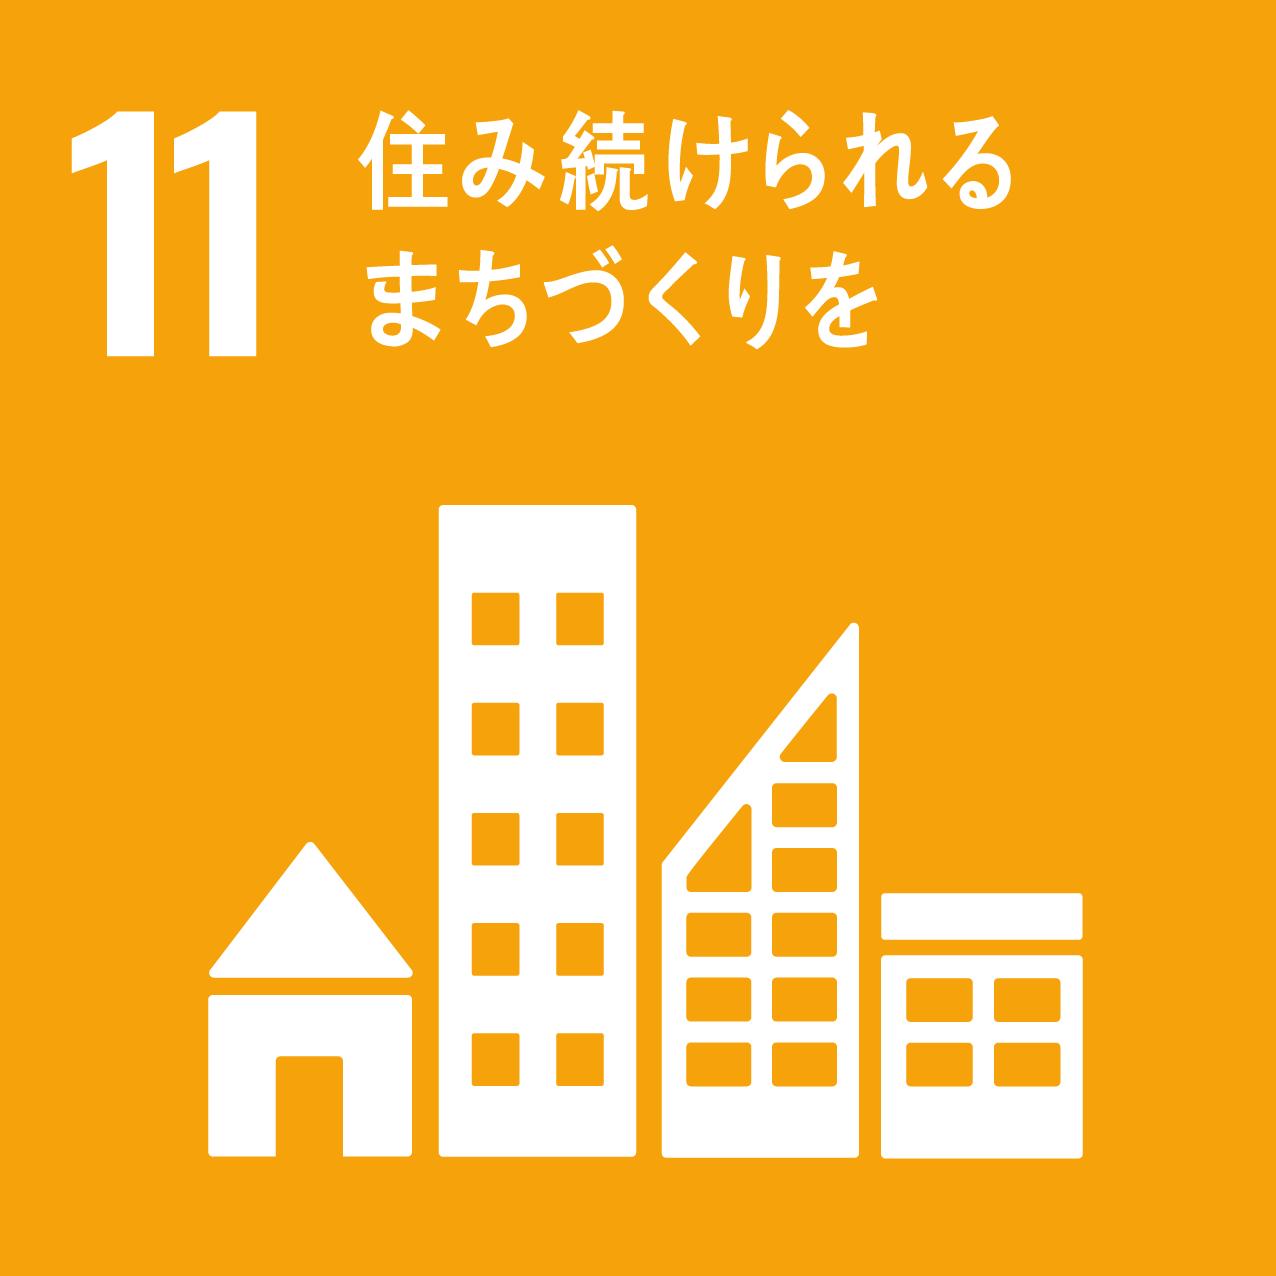 SDGs 11